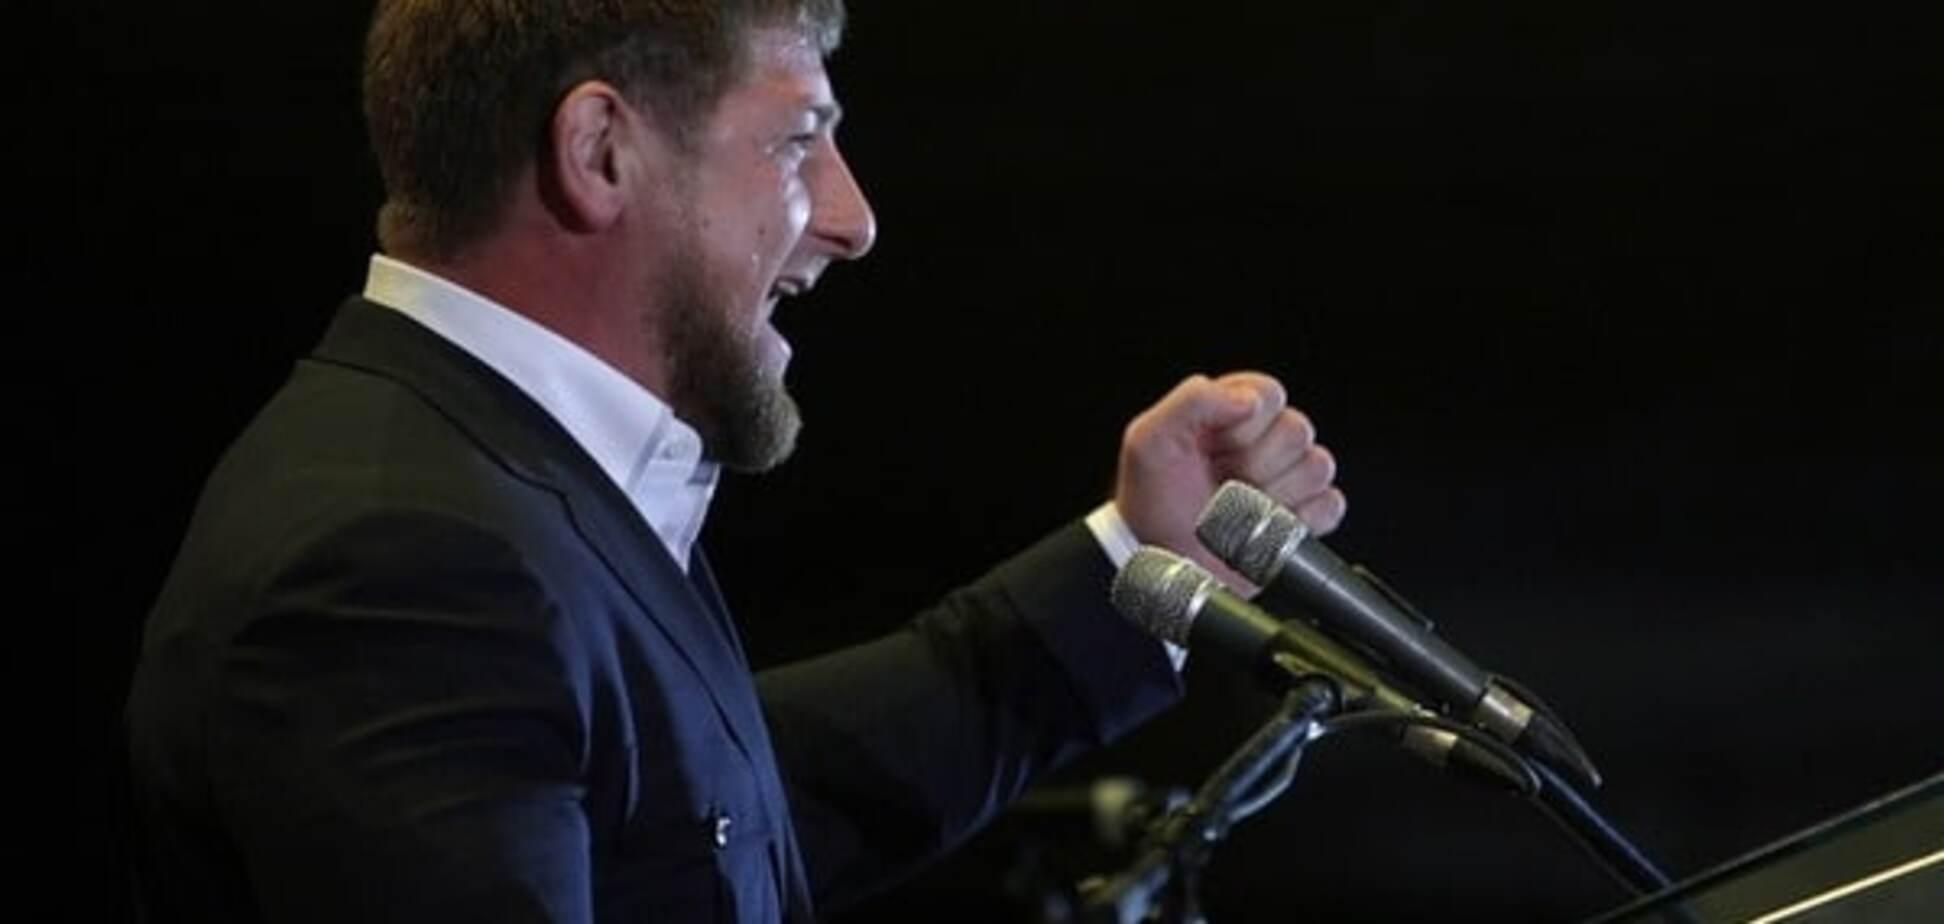 Кадиров не поїде воювати на Донбас, він жахливий боягуз - Окуєва